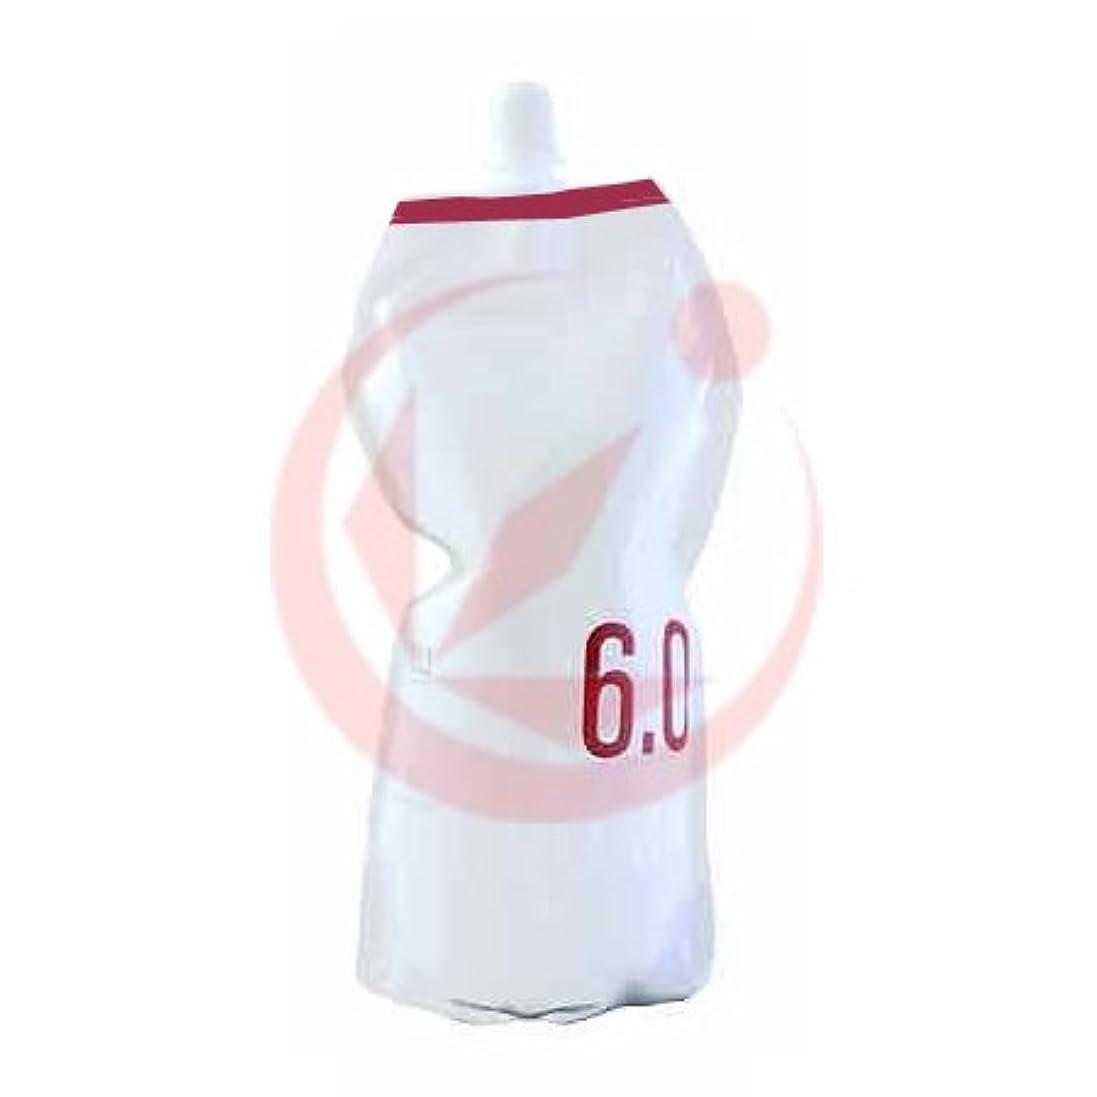 順番思春期の規制ナンバースリー プロアクション リクロマ オキシ(OX) 1200ml(2剤) 6.0%*